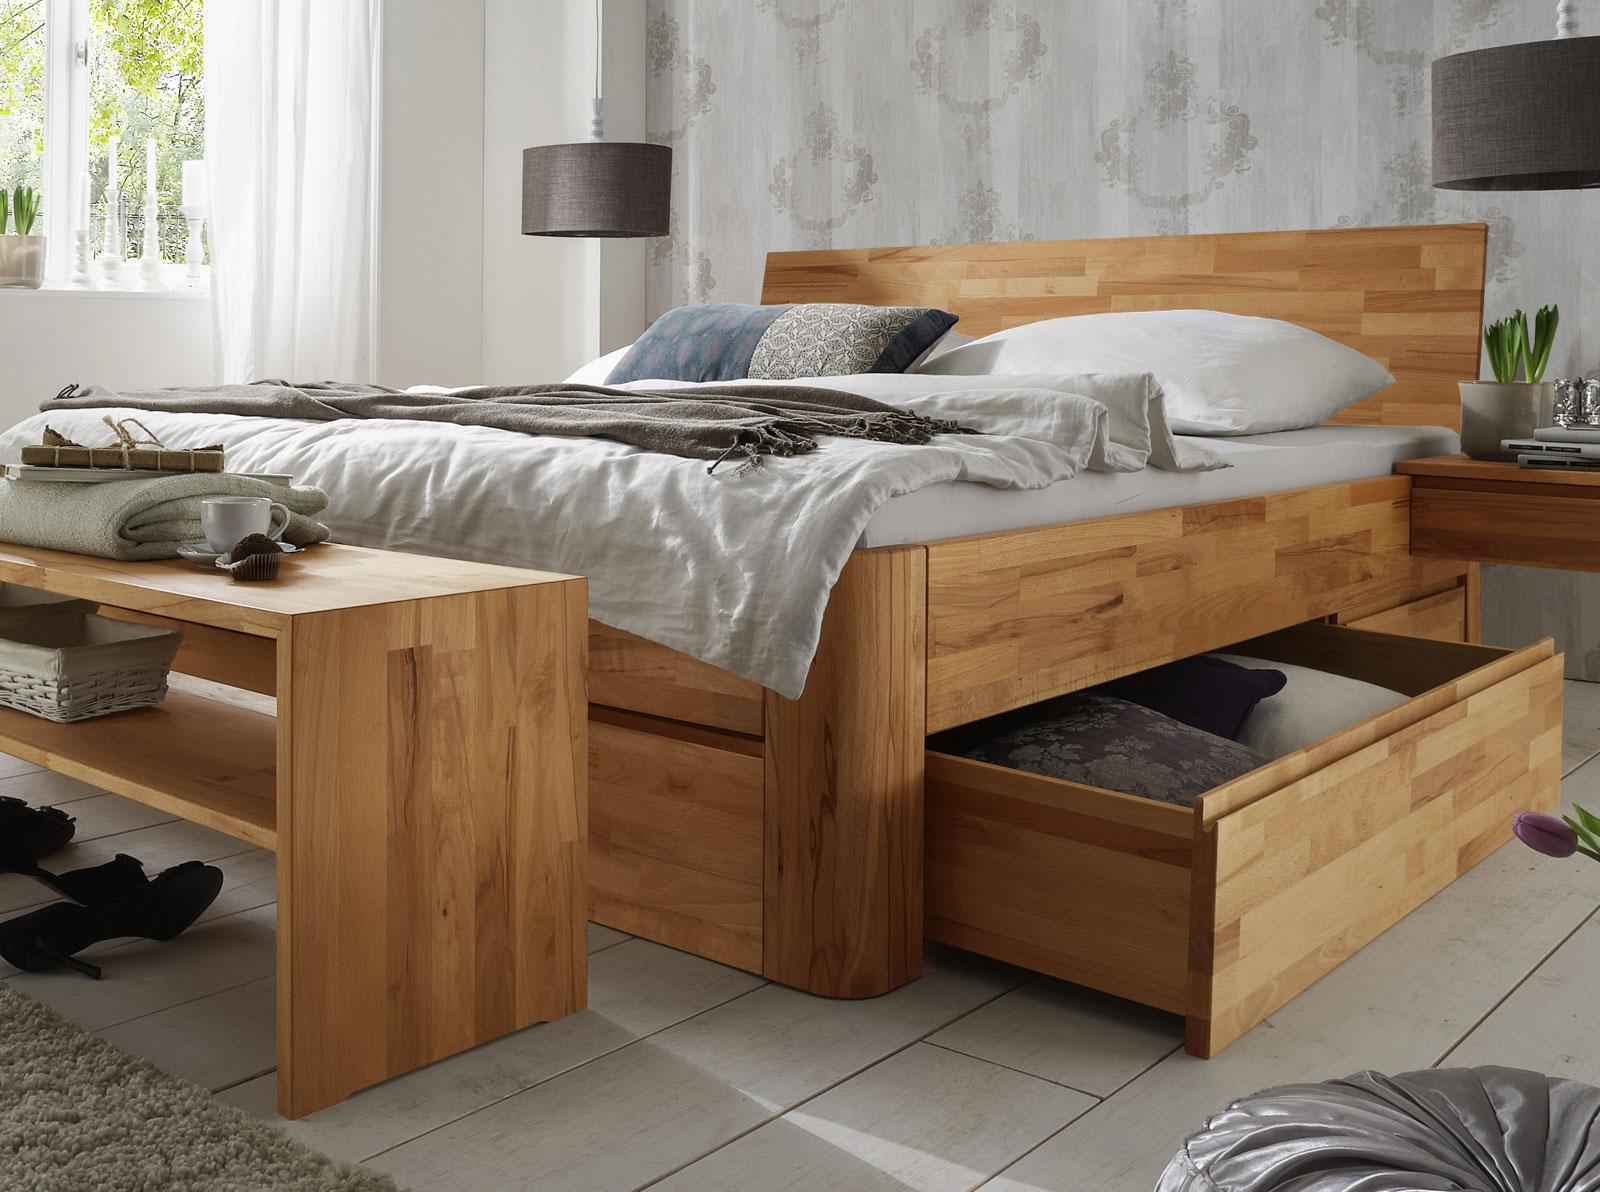 Massivholz Doppelbett Mit Bettkasten - Zarbo